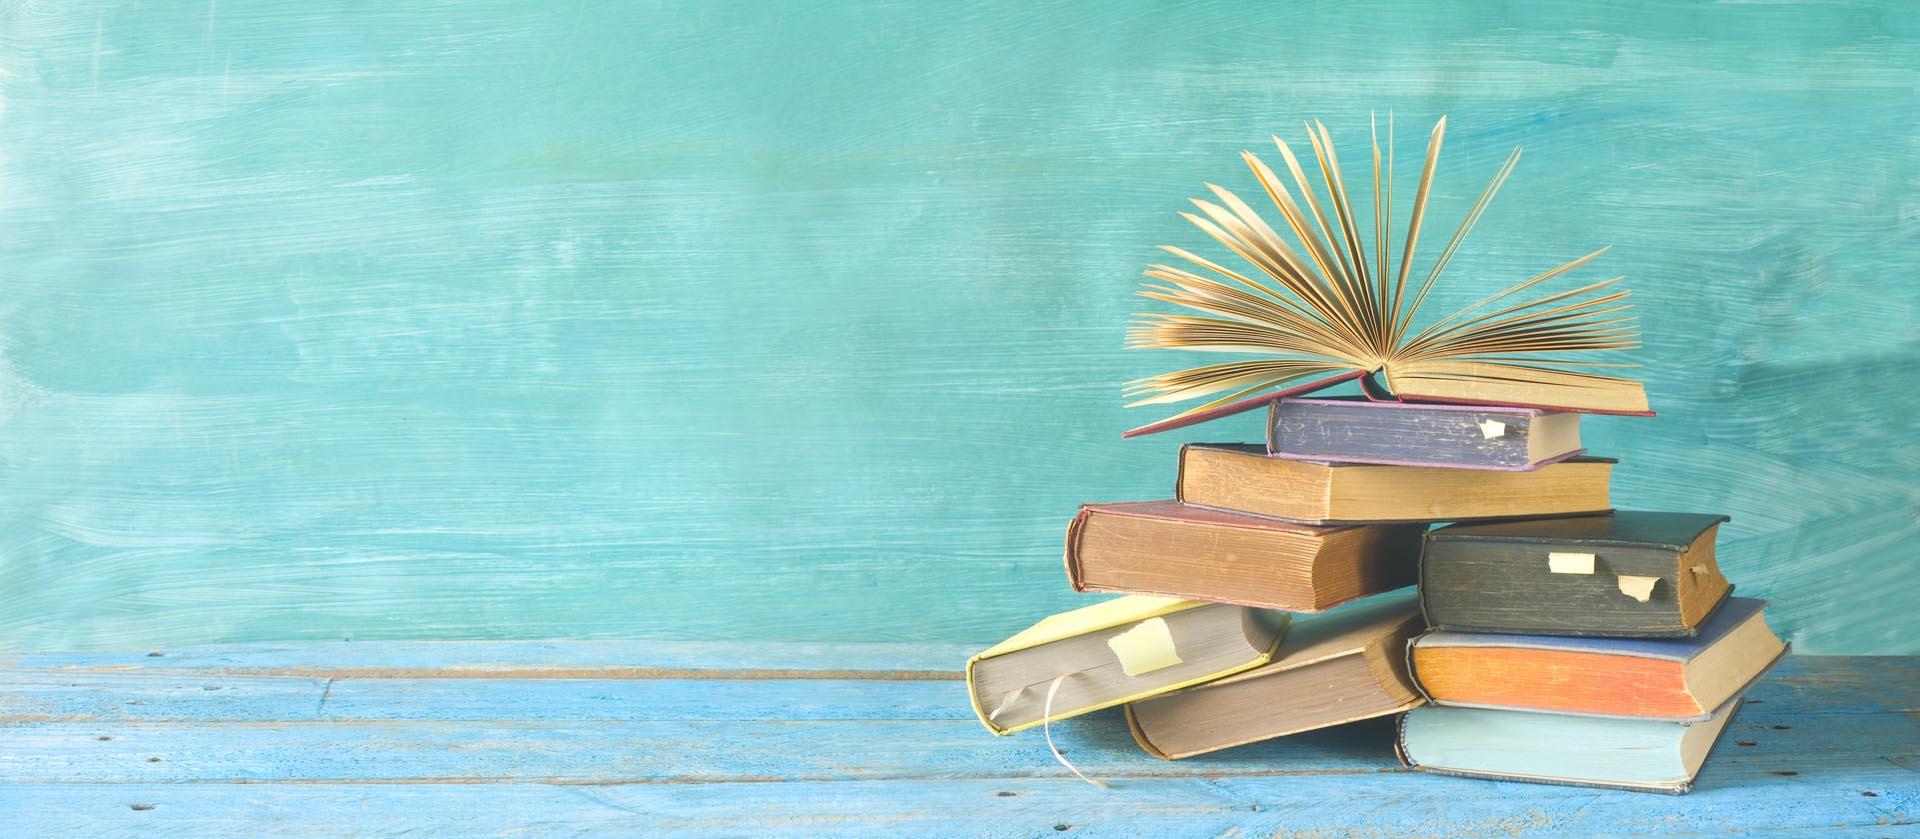 Offene Bücher | KLDM - Fantasie in Worten